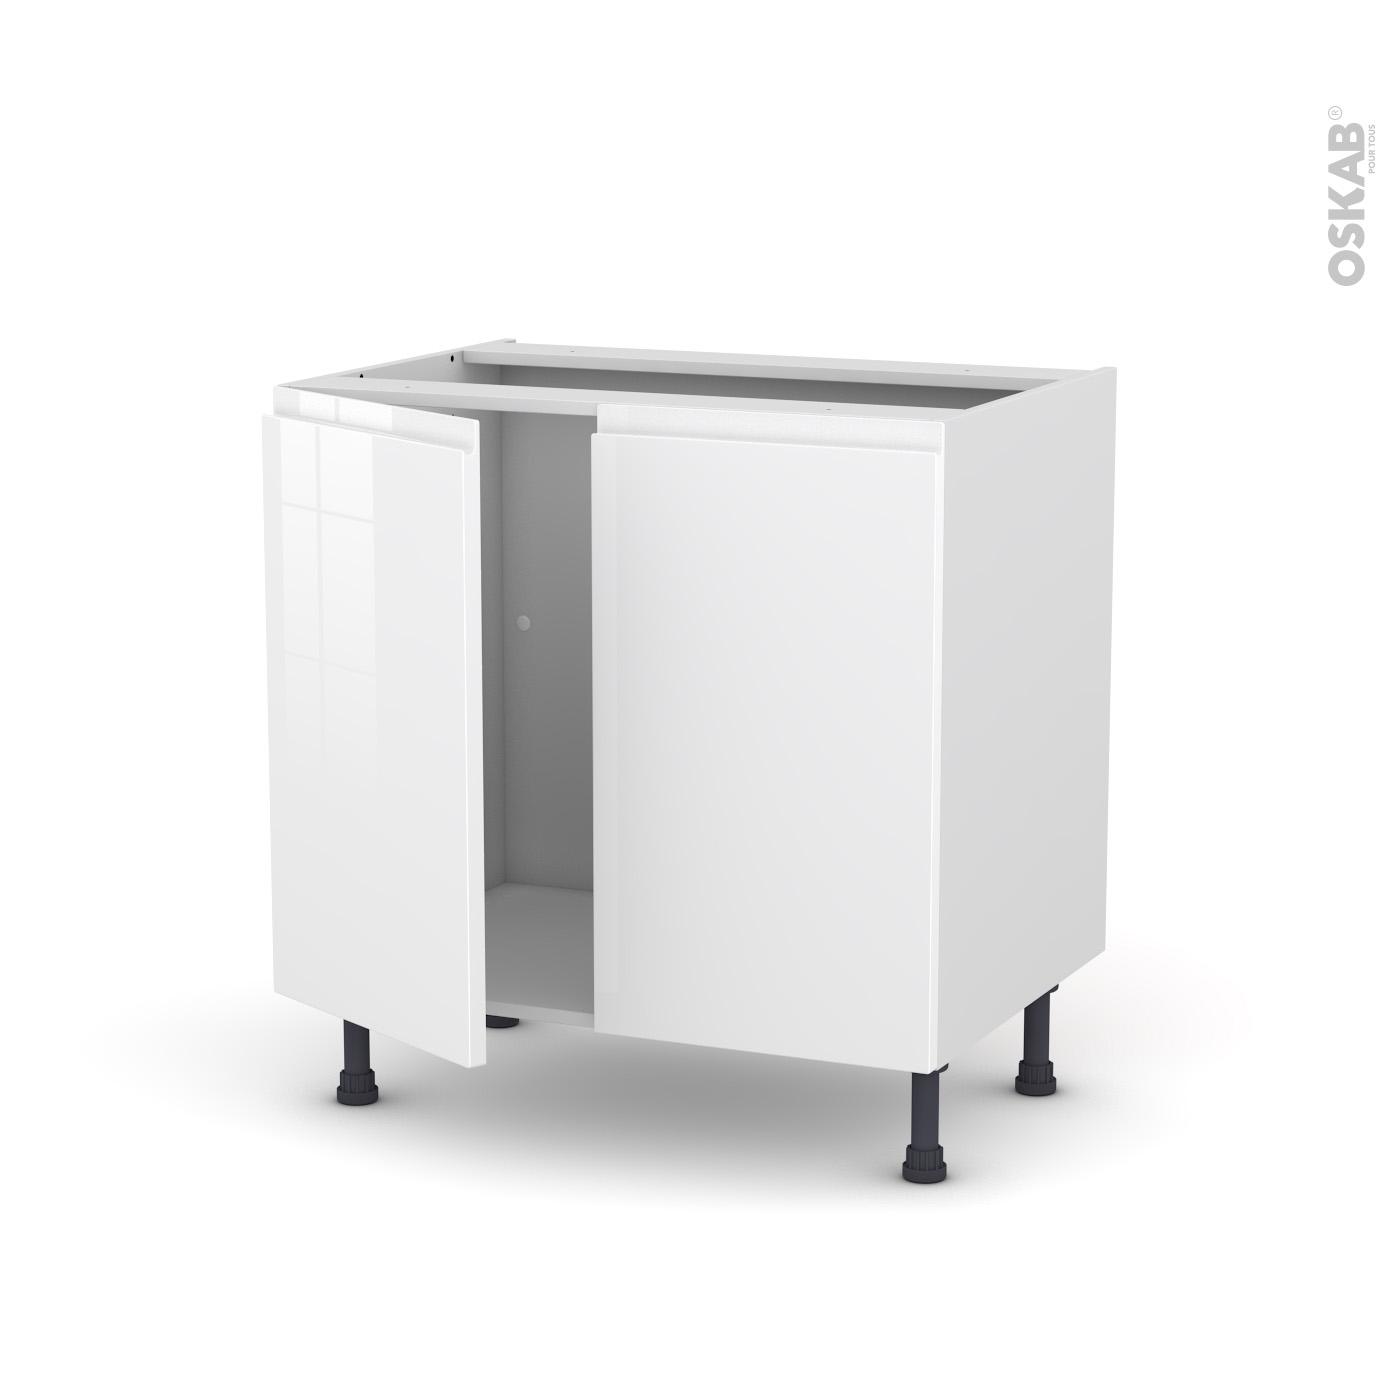 Meuble de cuisine Sous évier IPOMA Blanc brillant, 11 portes, L11 x H11 x  P11 cm